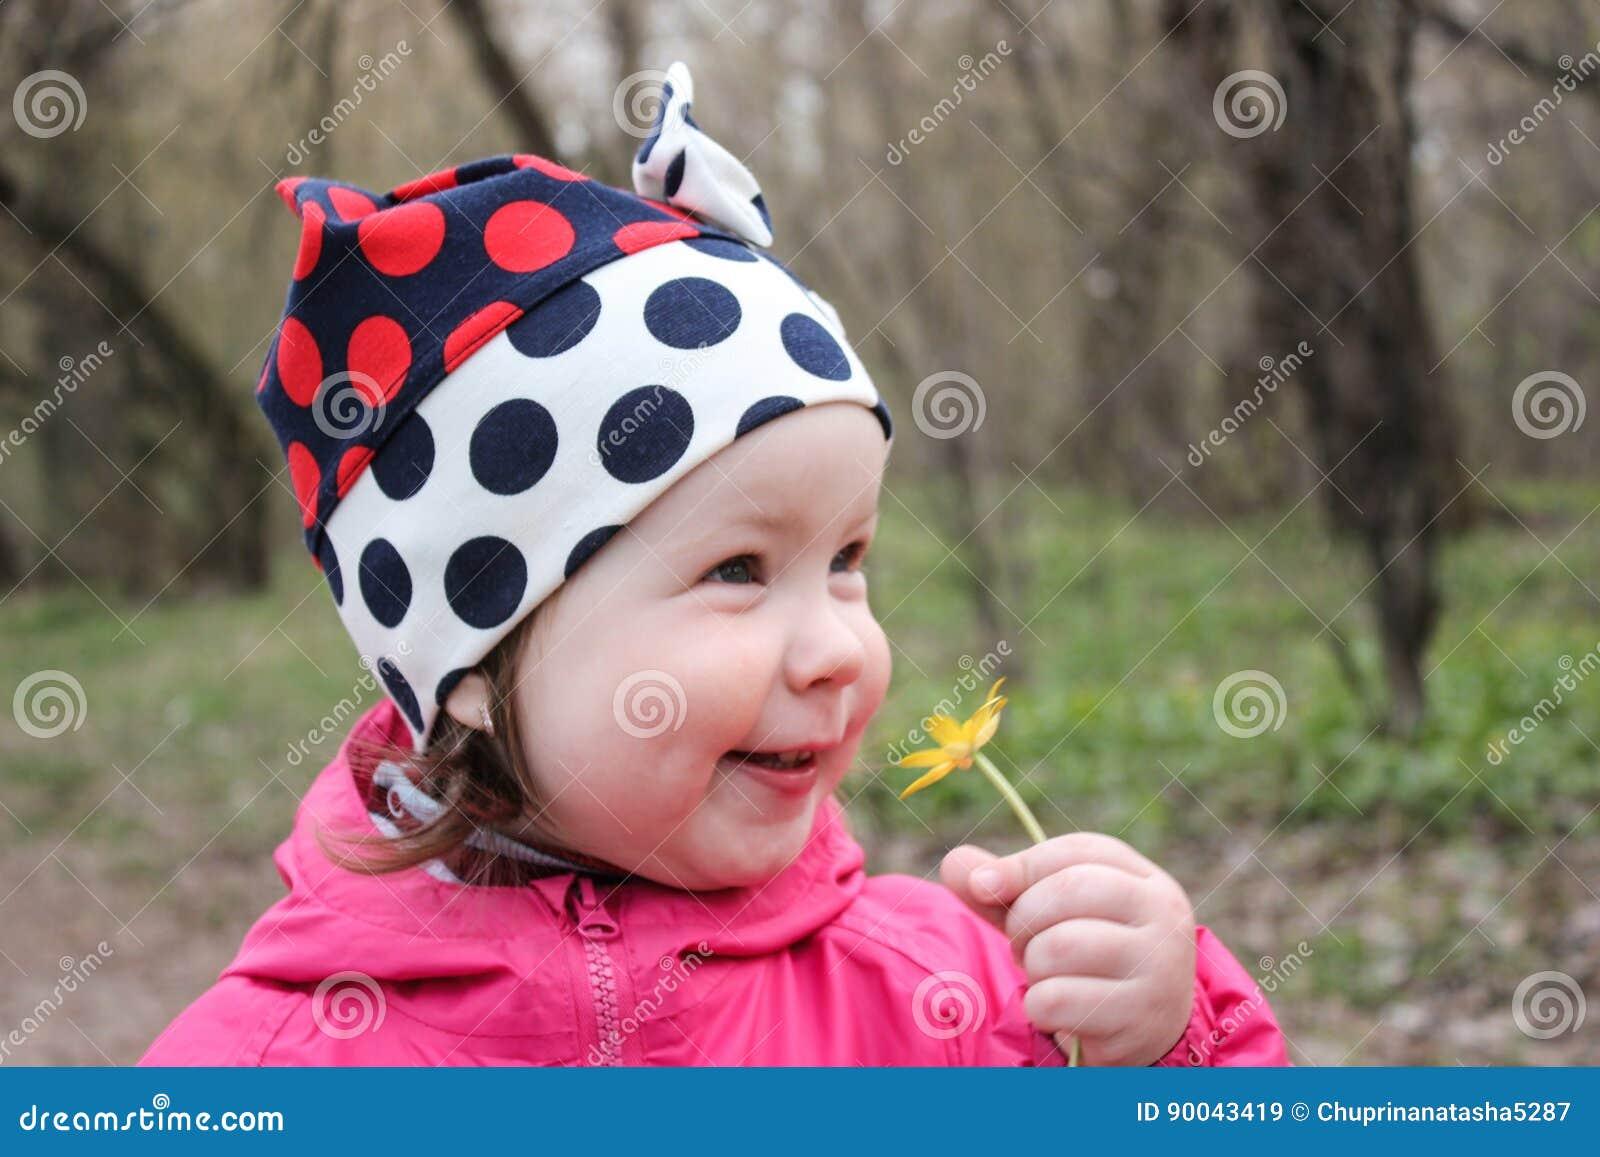 La muchacha inhala feliz el olor